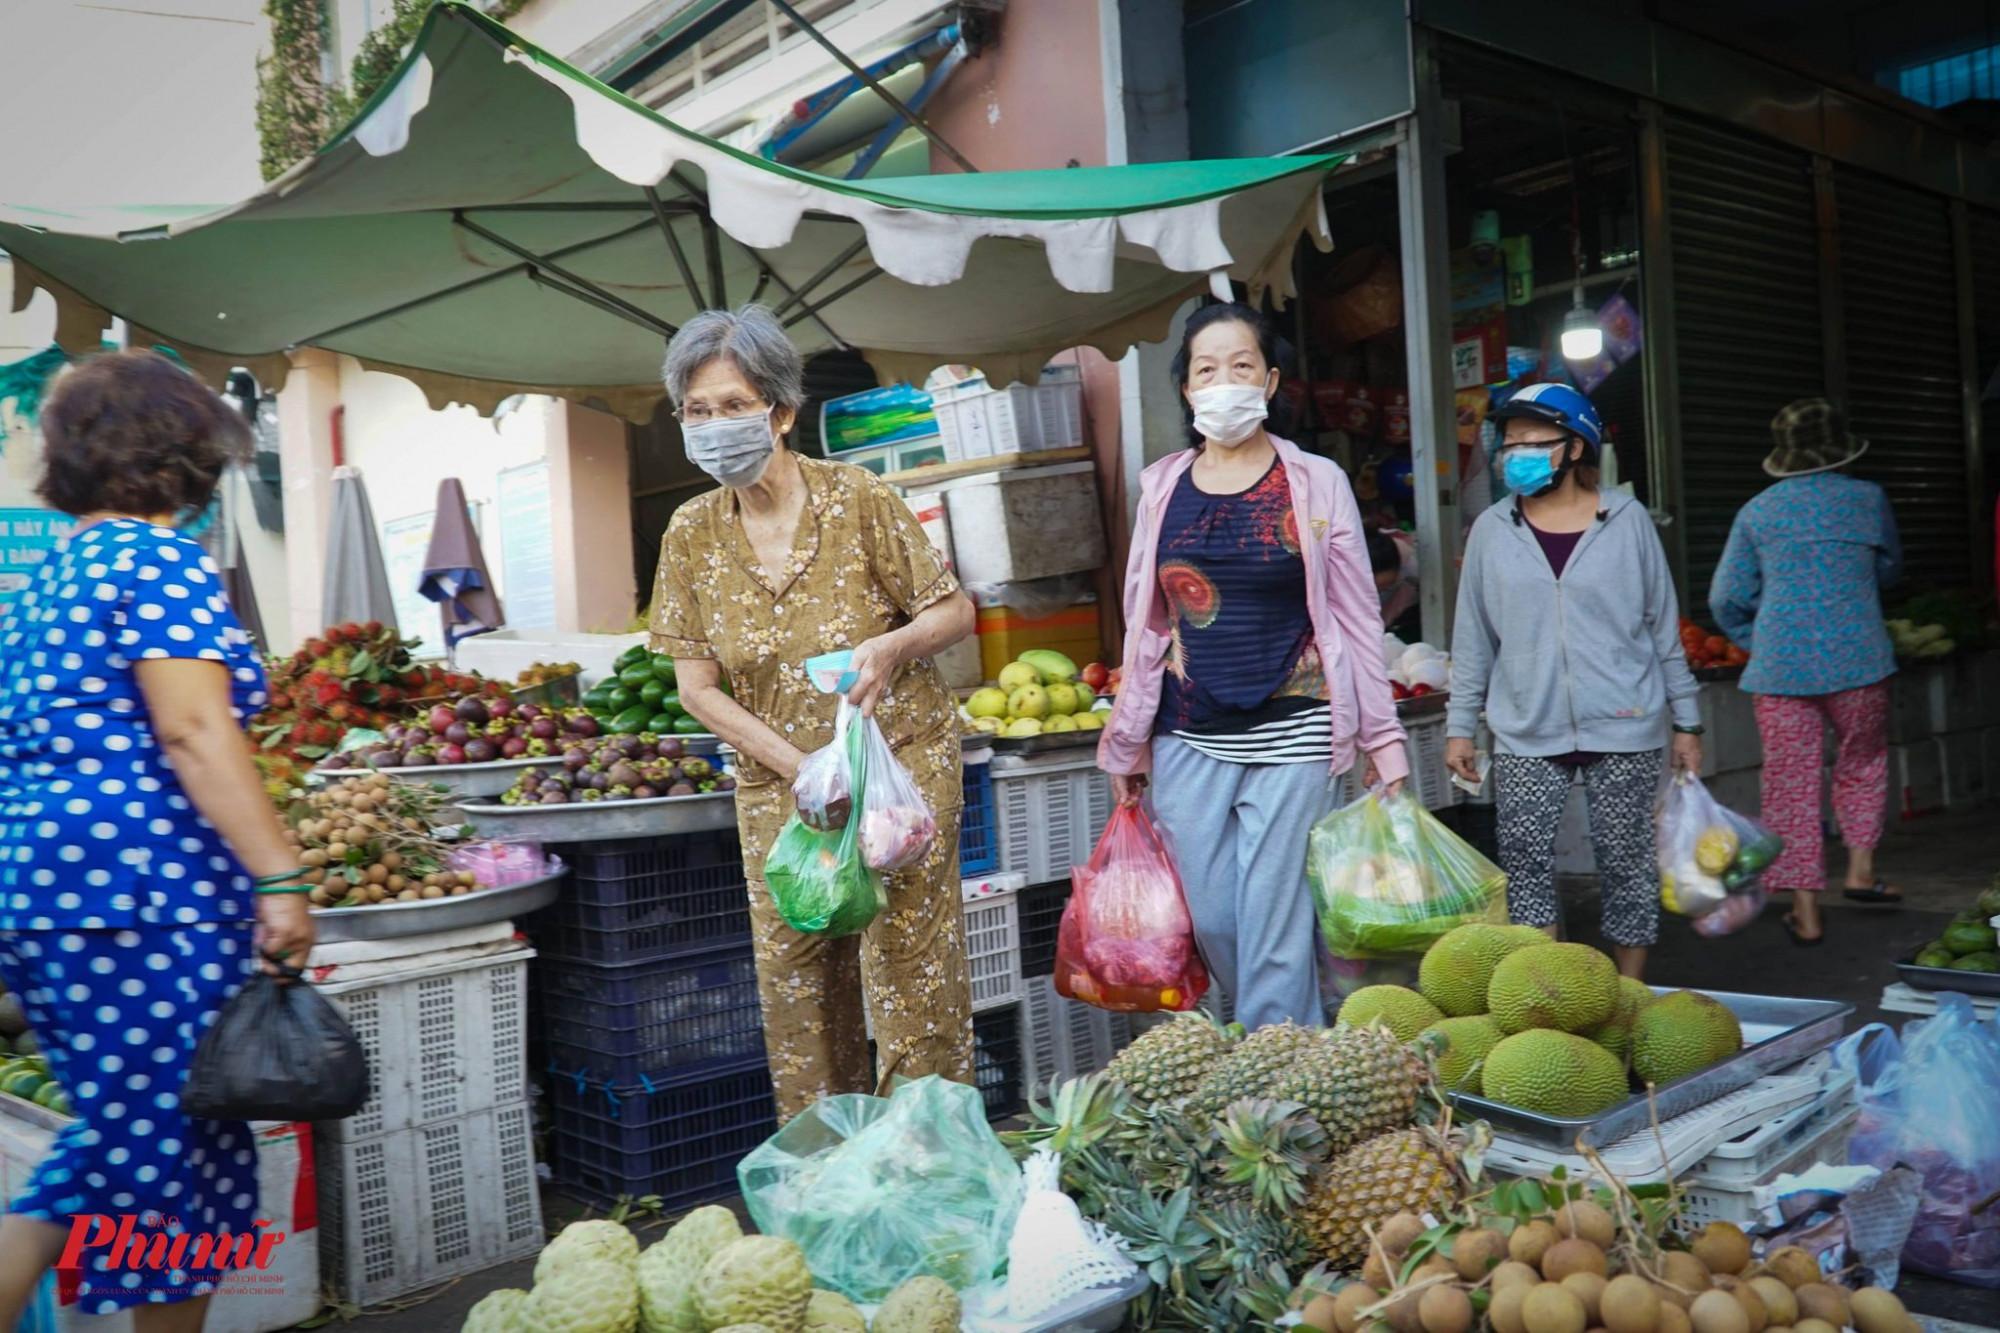 TPHCM lên phương án tổ chức tái hoạt động chợ truyền thống đảm bào an toàn phòng chống dịch